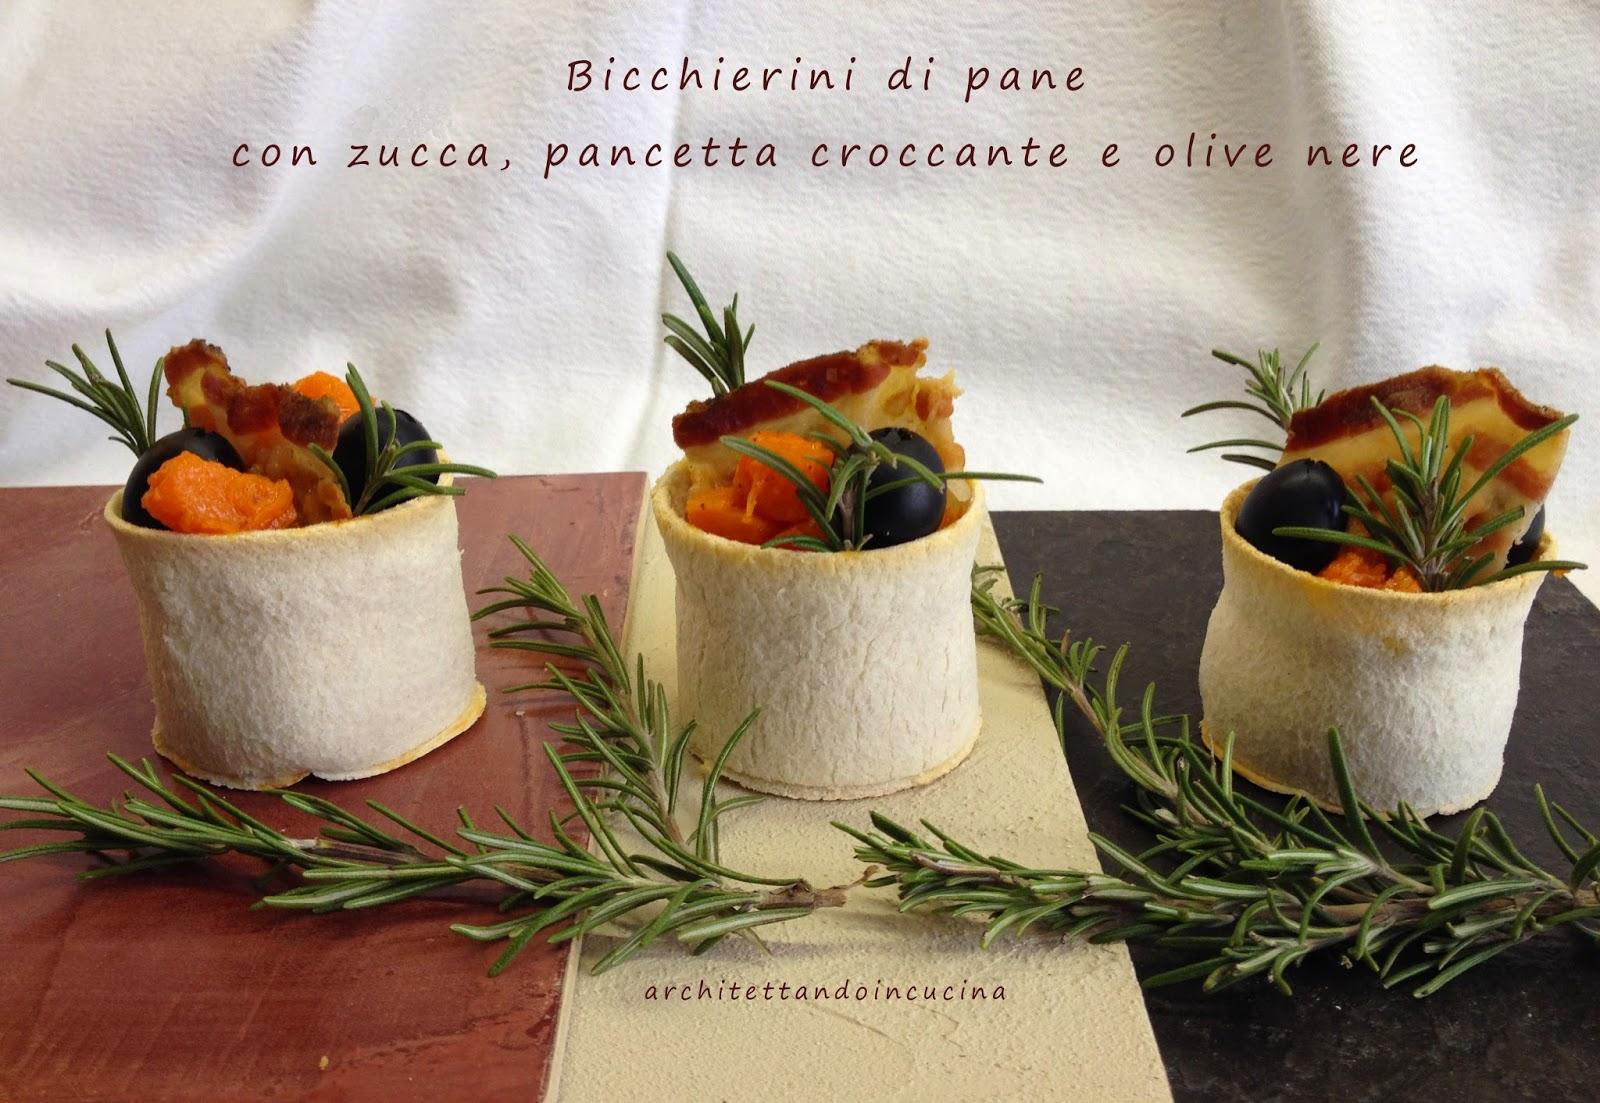 bicchierini di pane con zucca, pancetta croccante e olive nere